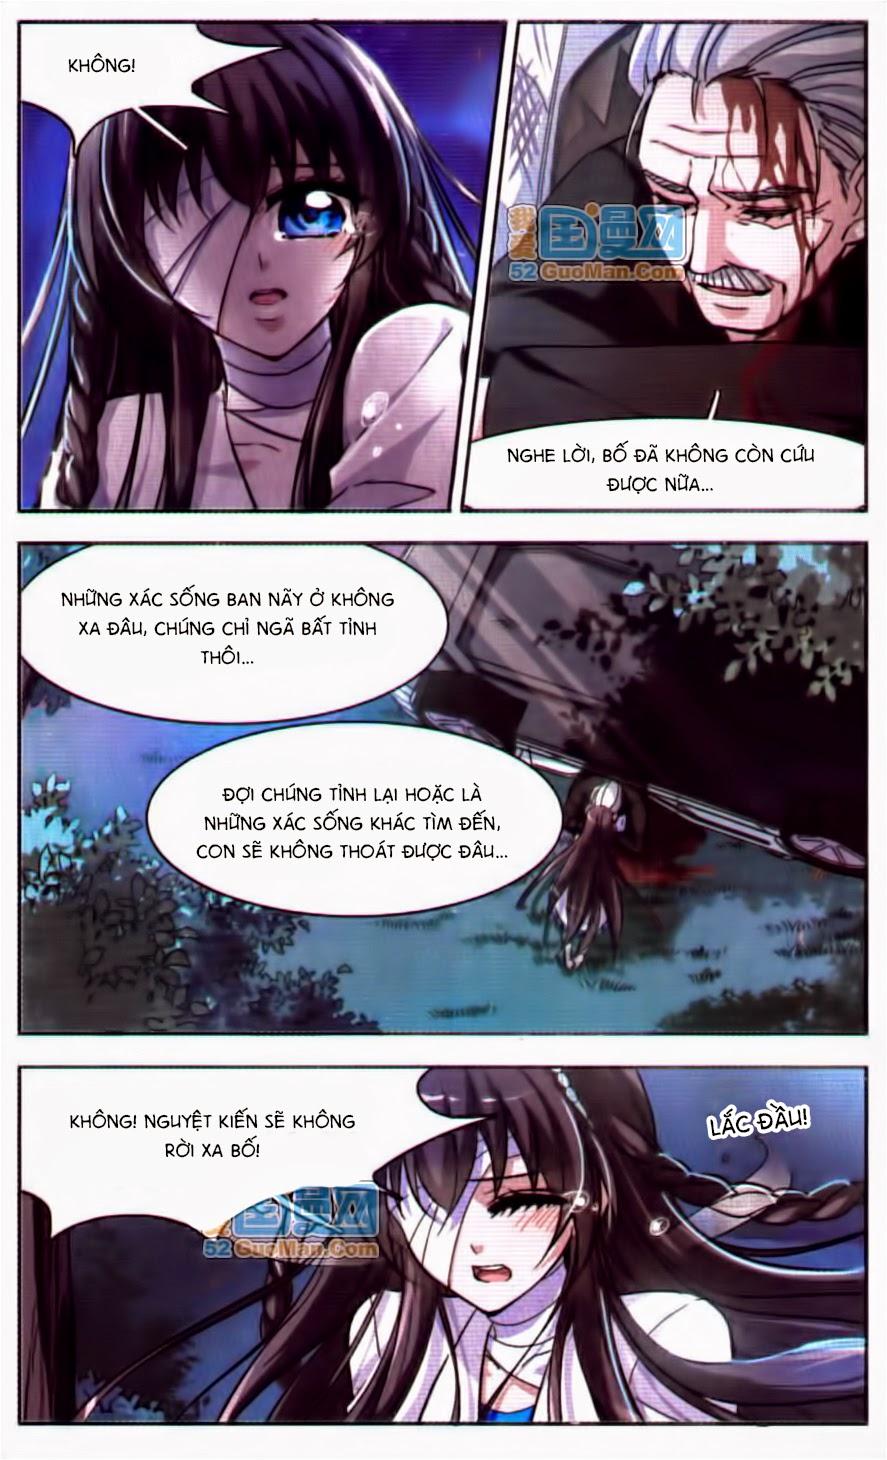 Huyet Toc Cam Vuc Chap 9 - truyen Huyết Tộc Cấm Vực online